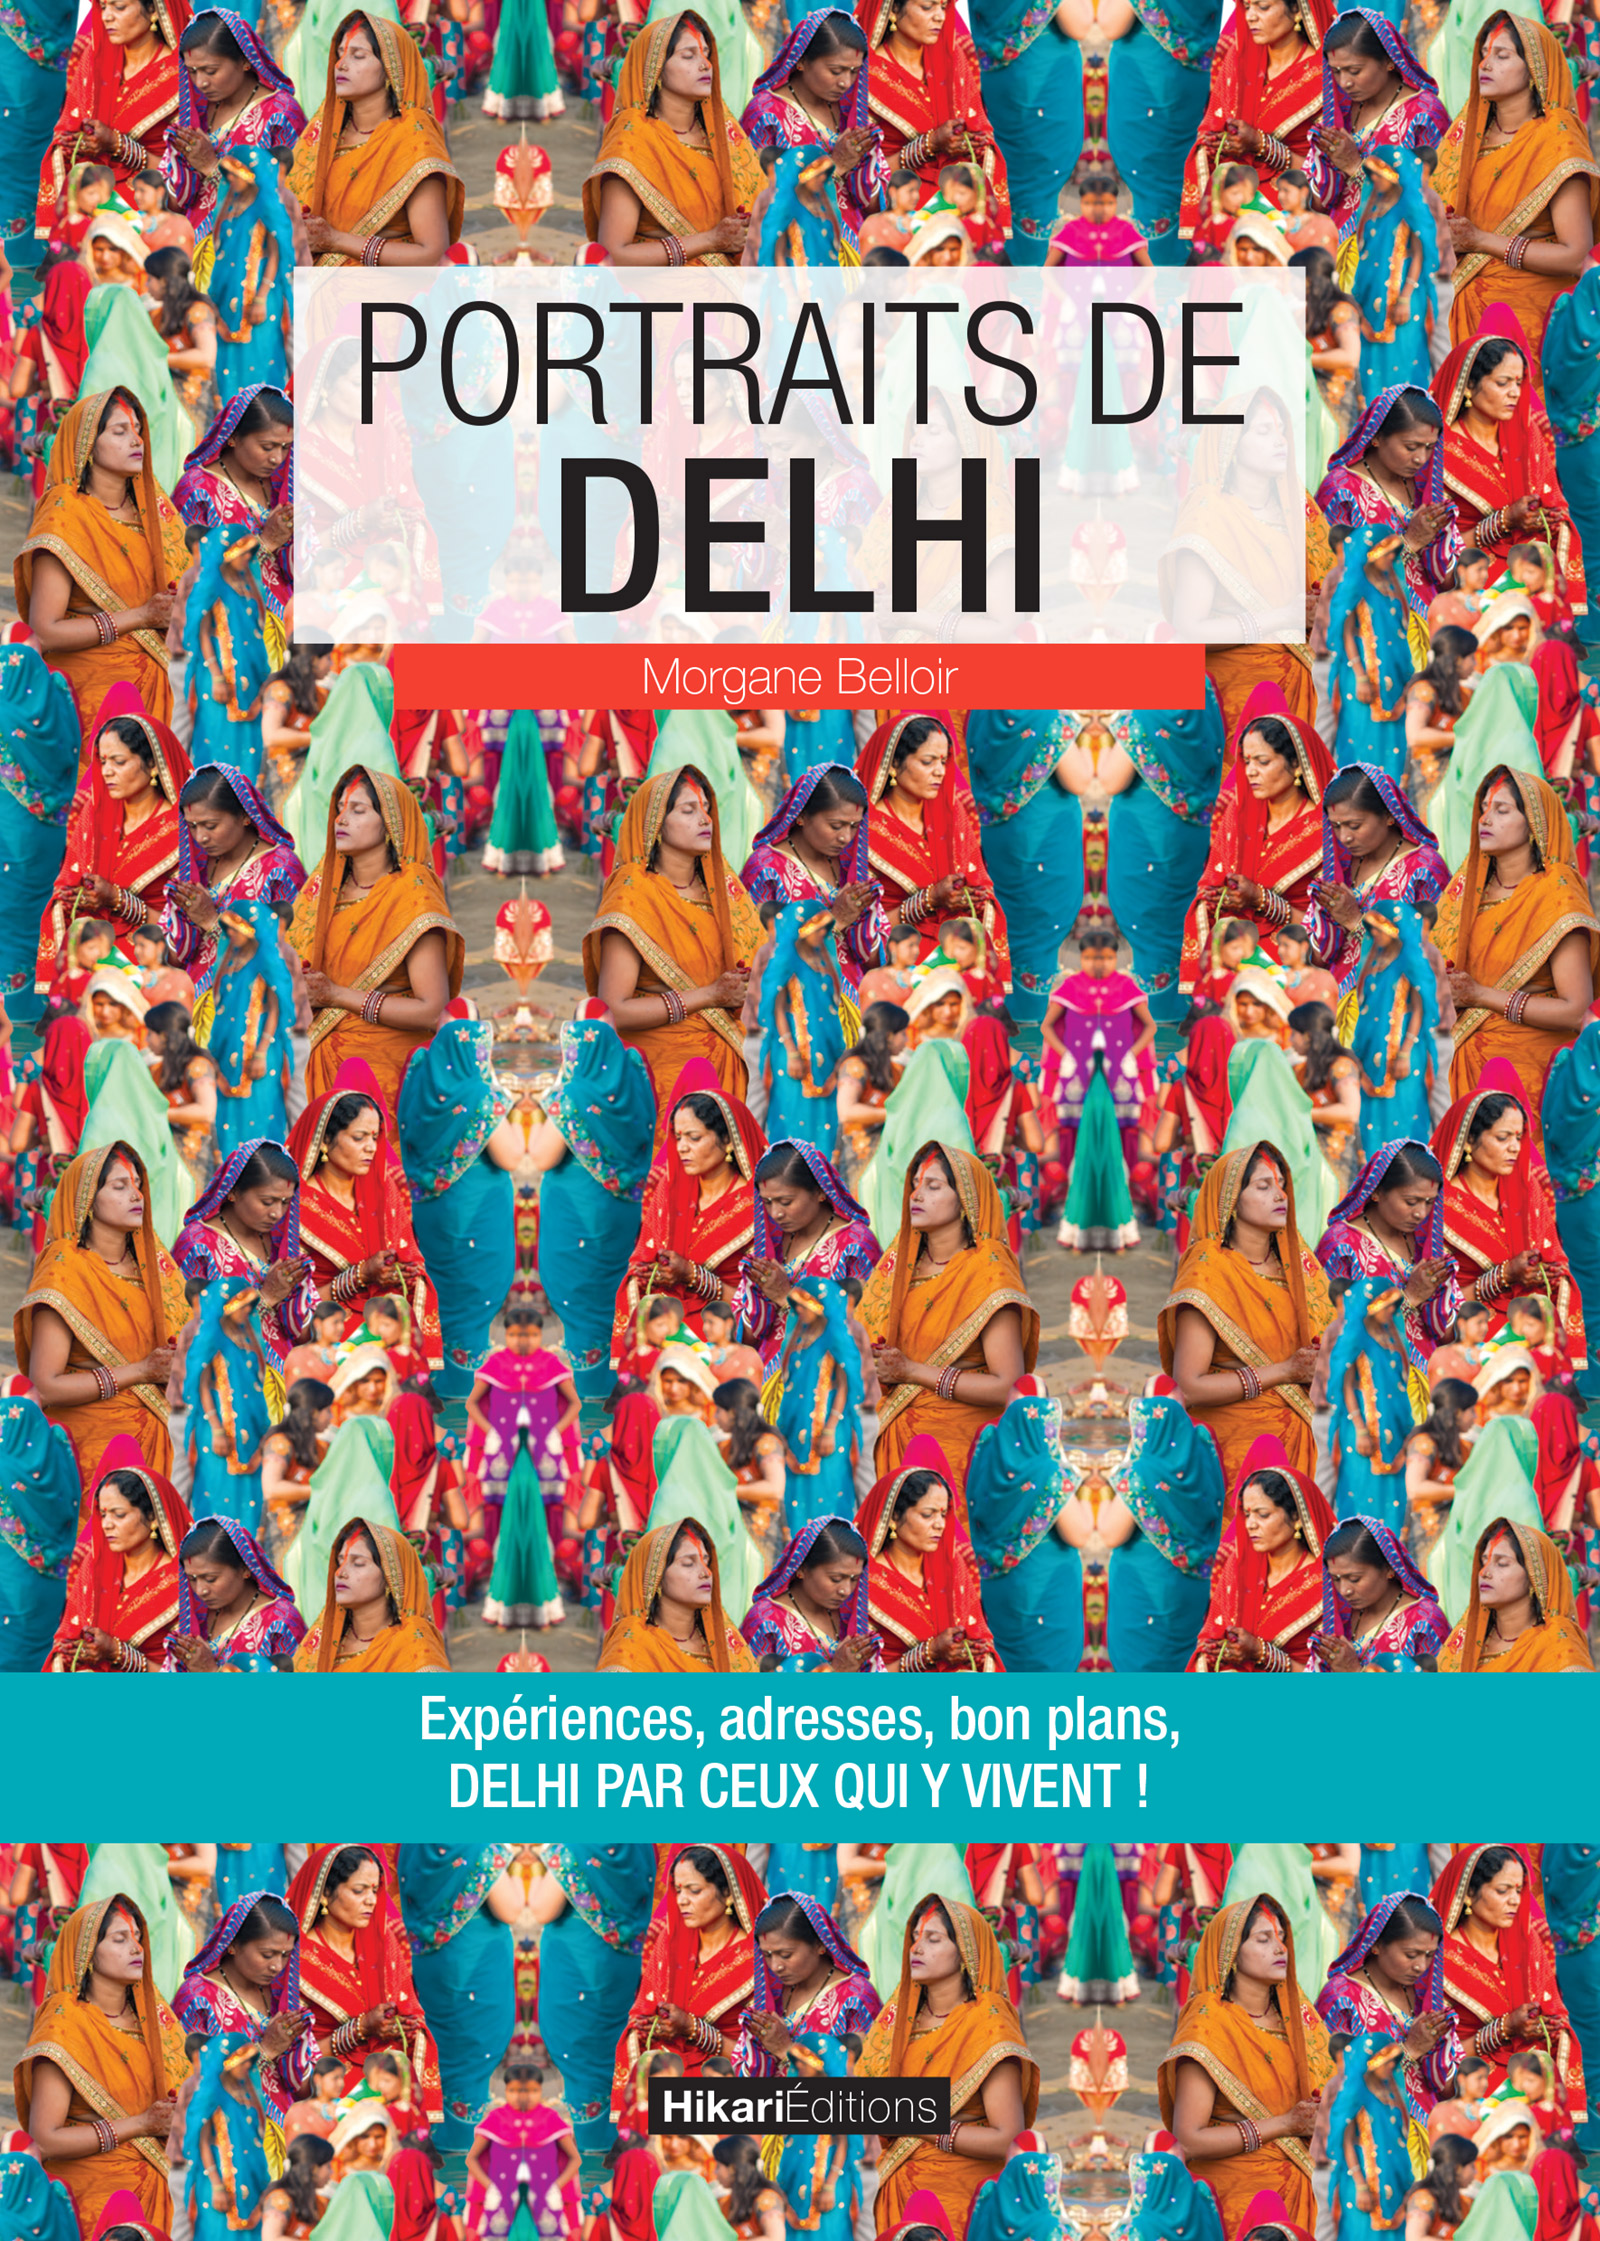 Portraits de Delhi